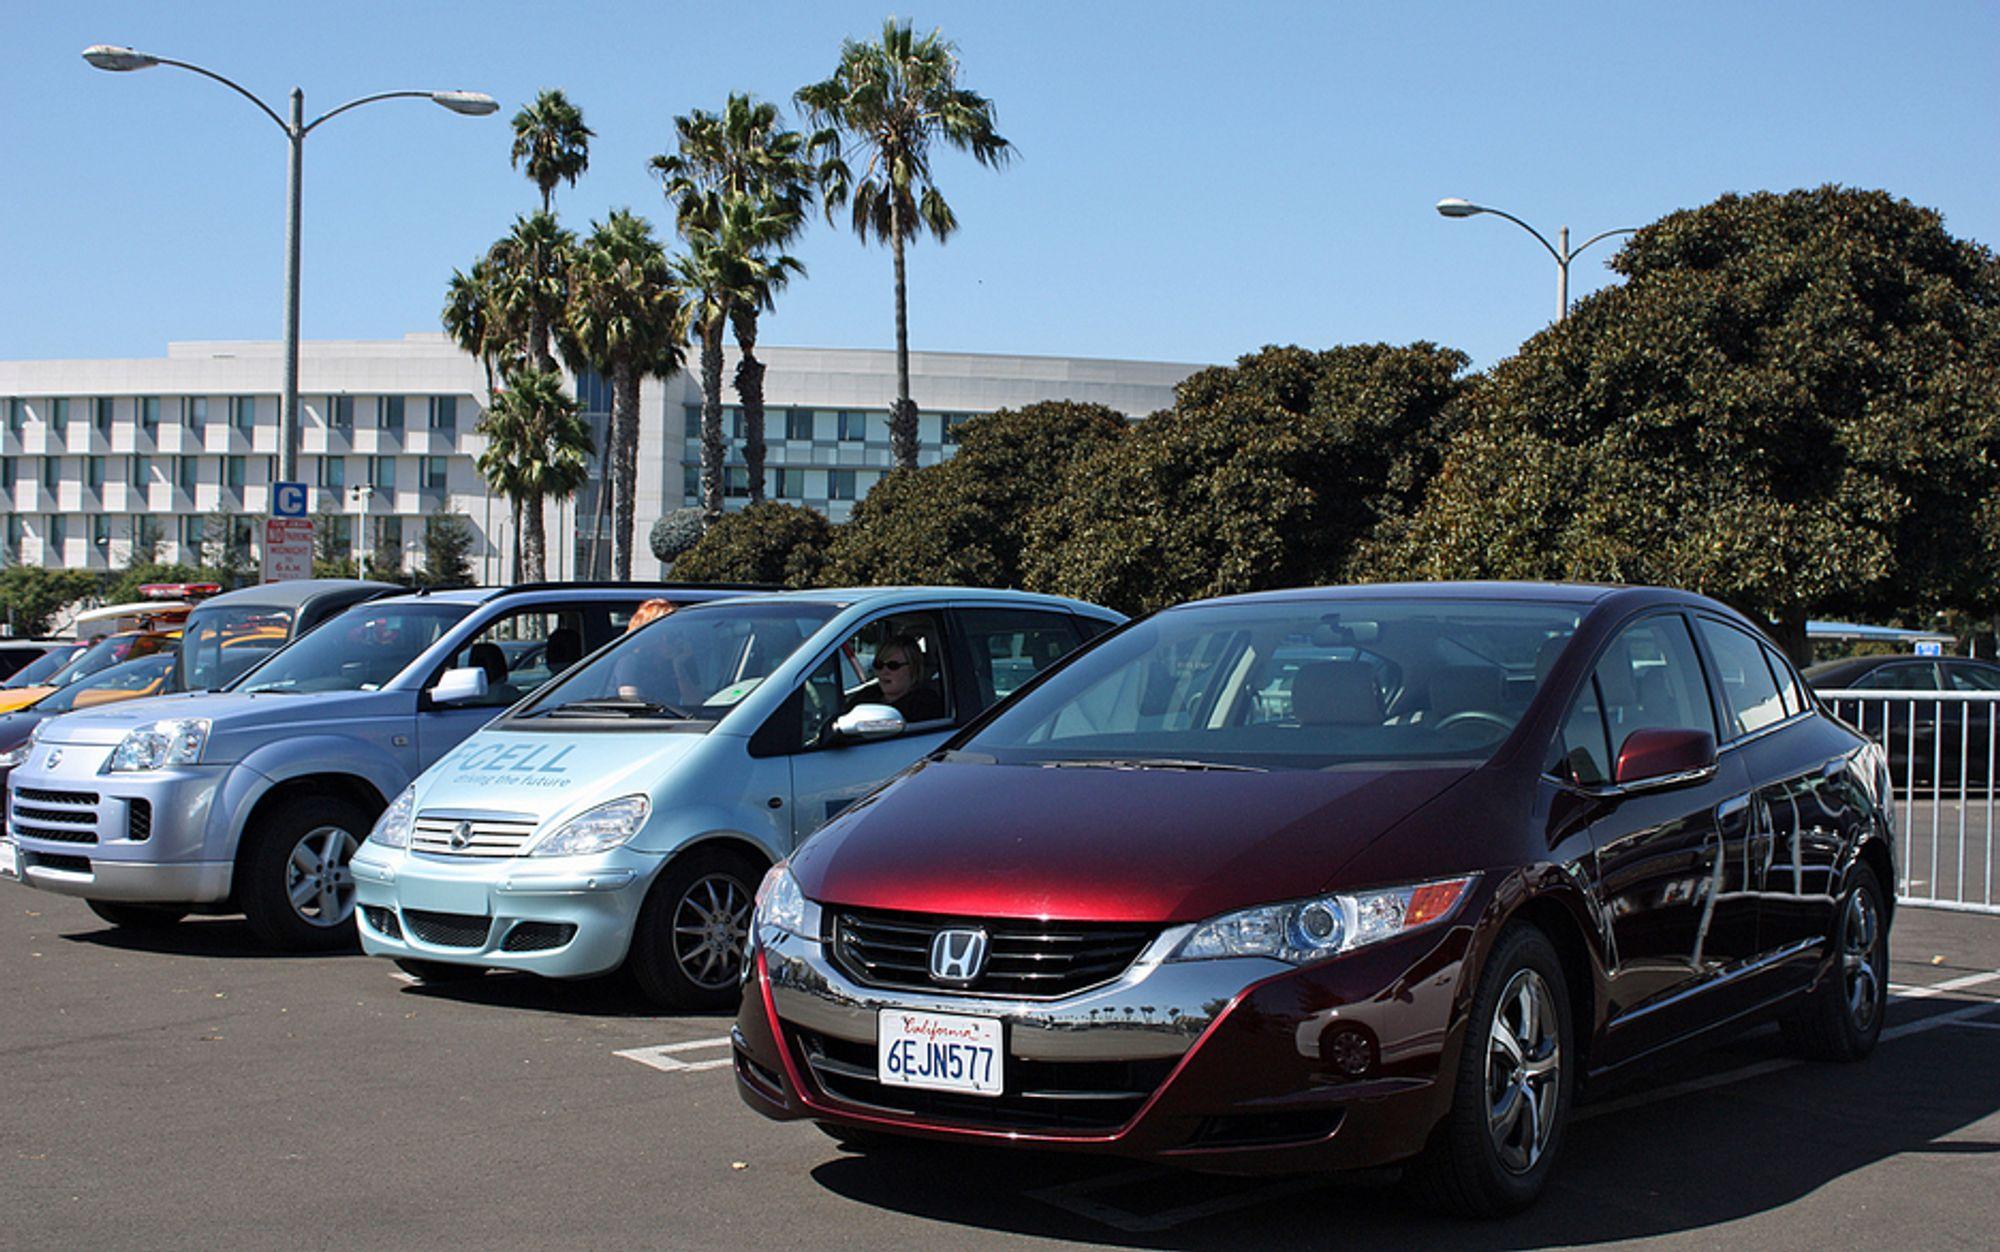 California har flere hydrogenbiler på veiene enn Norge, deriblant Honda FCX Clarity (nærmest). De to andre bilene er Daimler F-Cell (basert på A-klasse) og en ombygd Nissan X-trail.